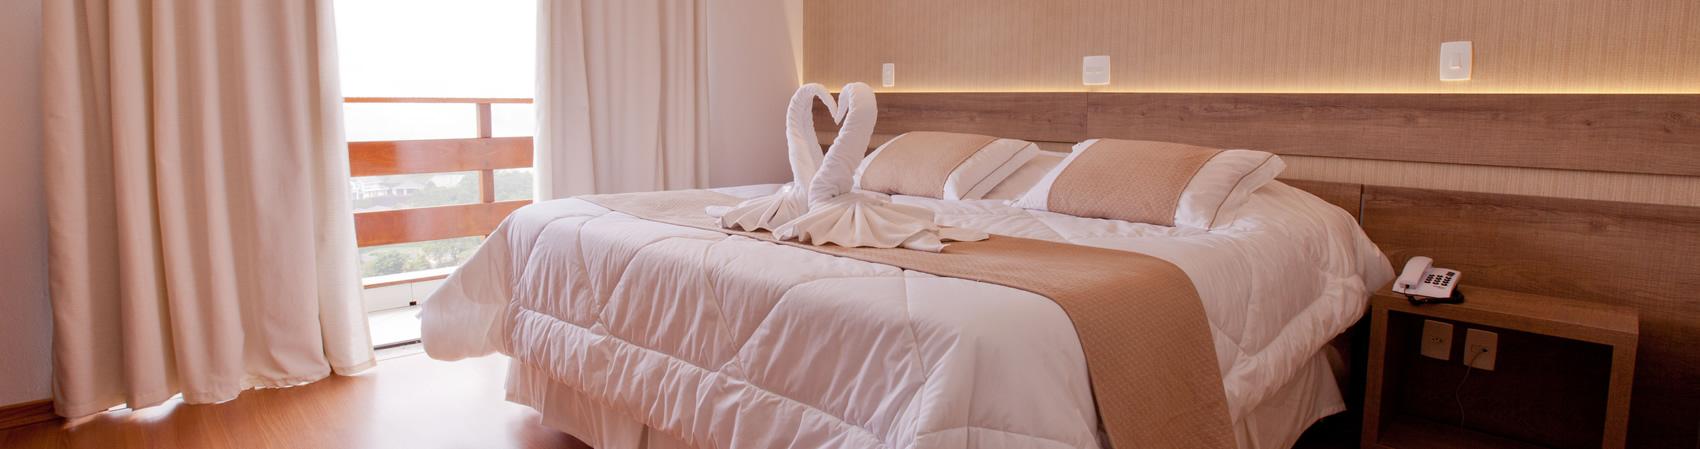 Hotel em Teresópolis Bel Air Acomodações